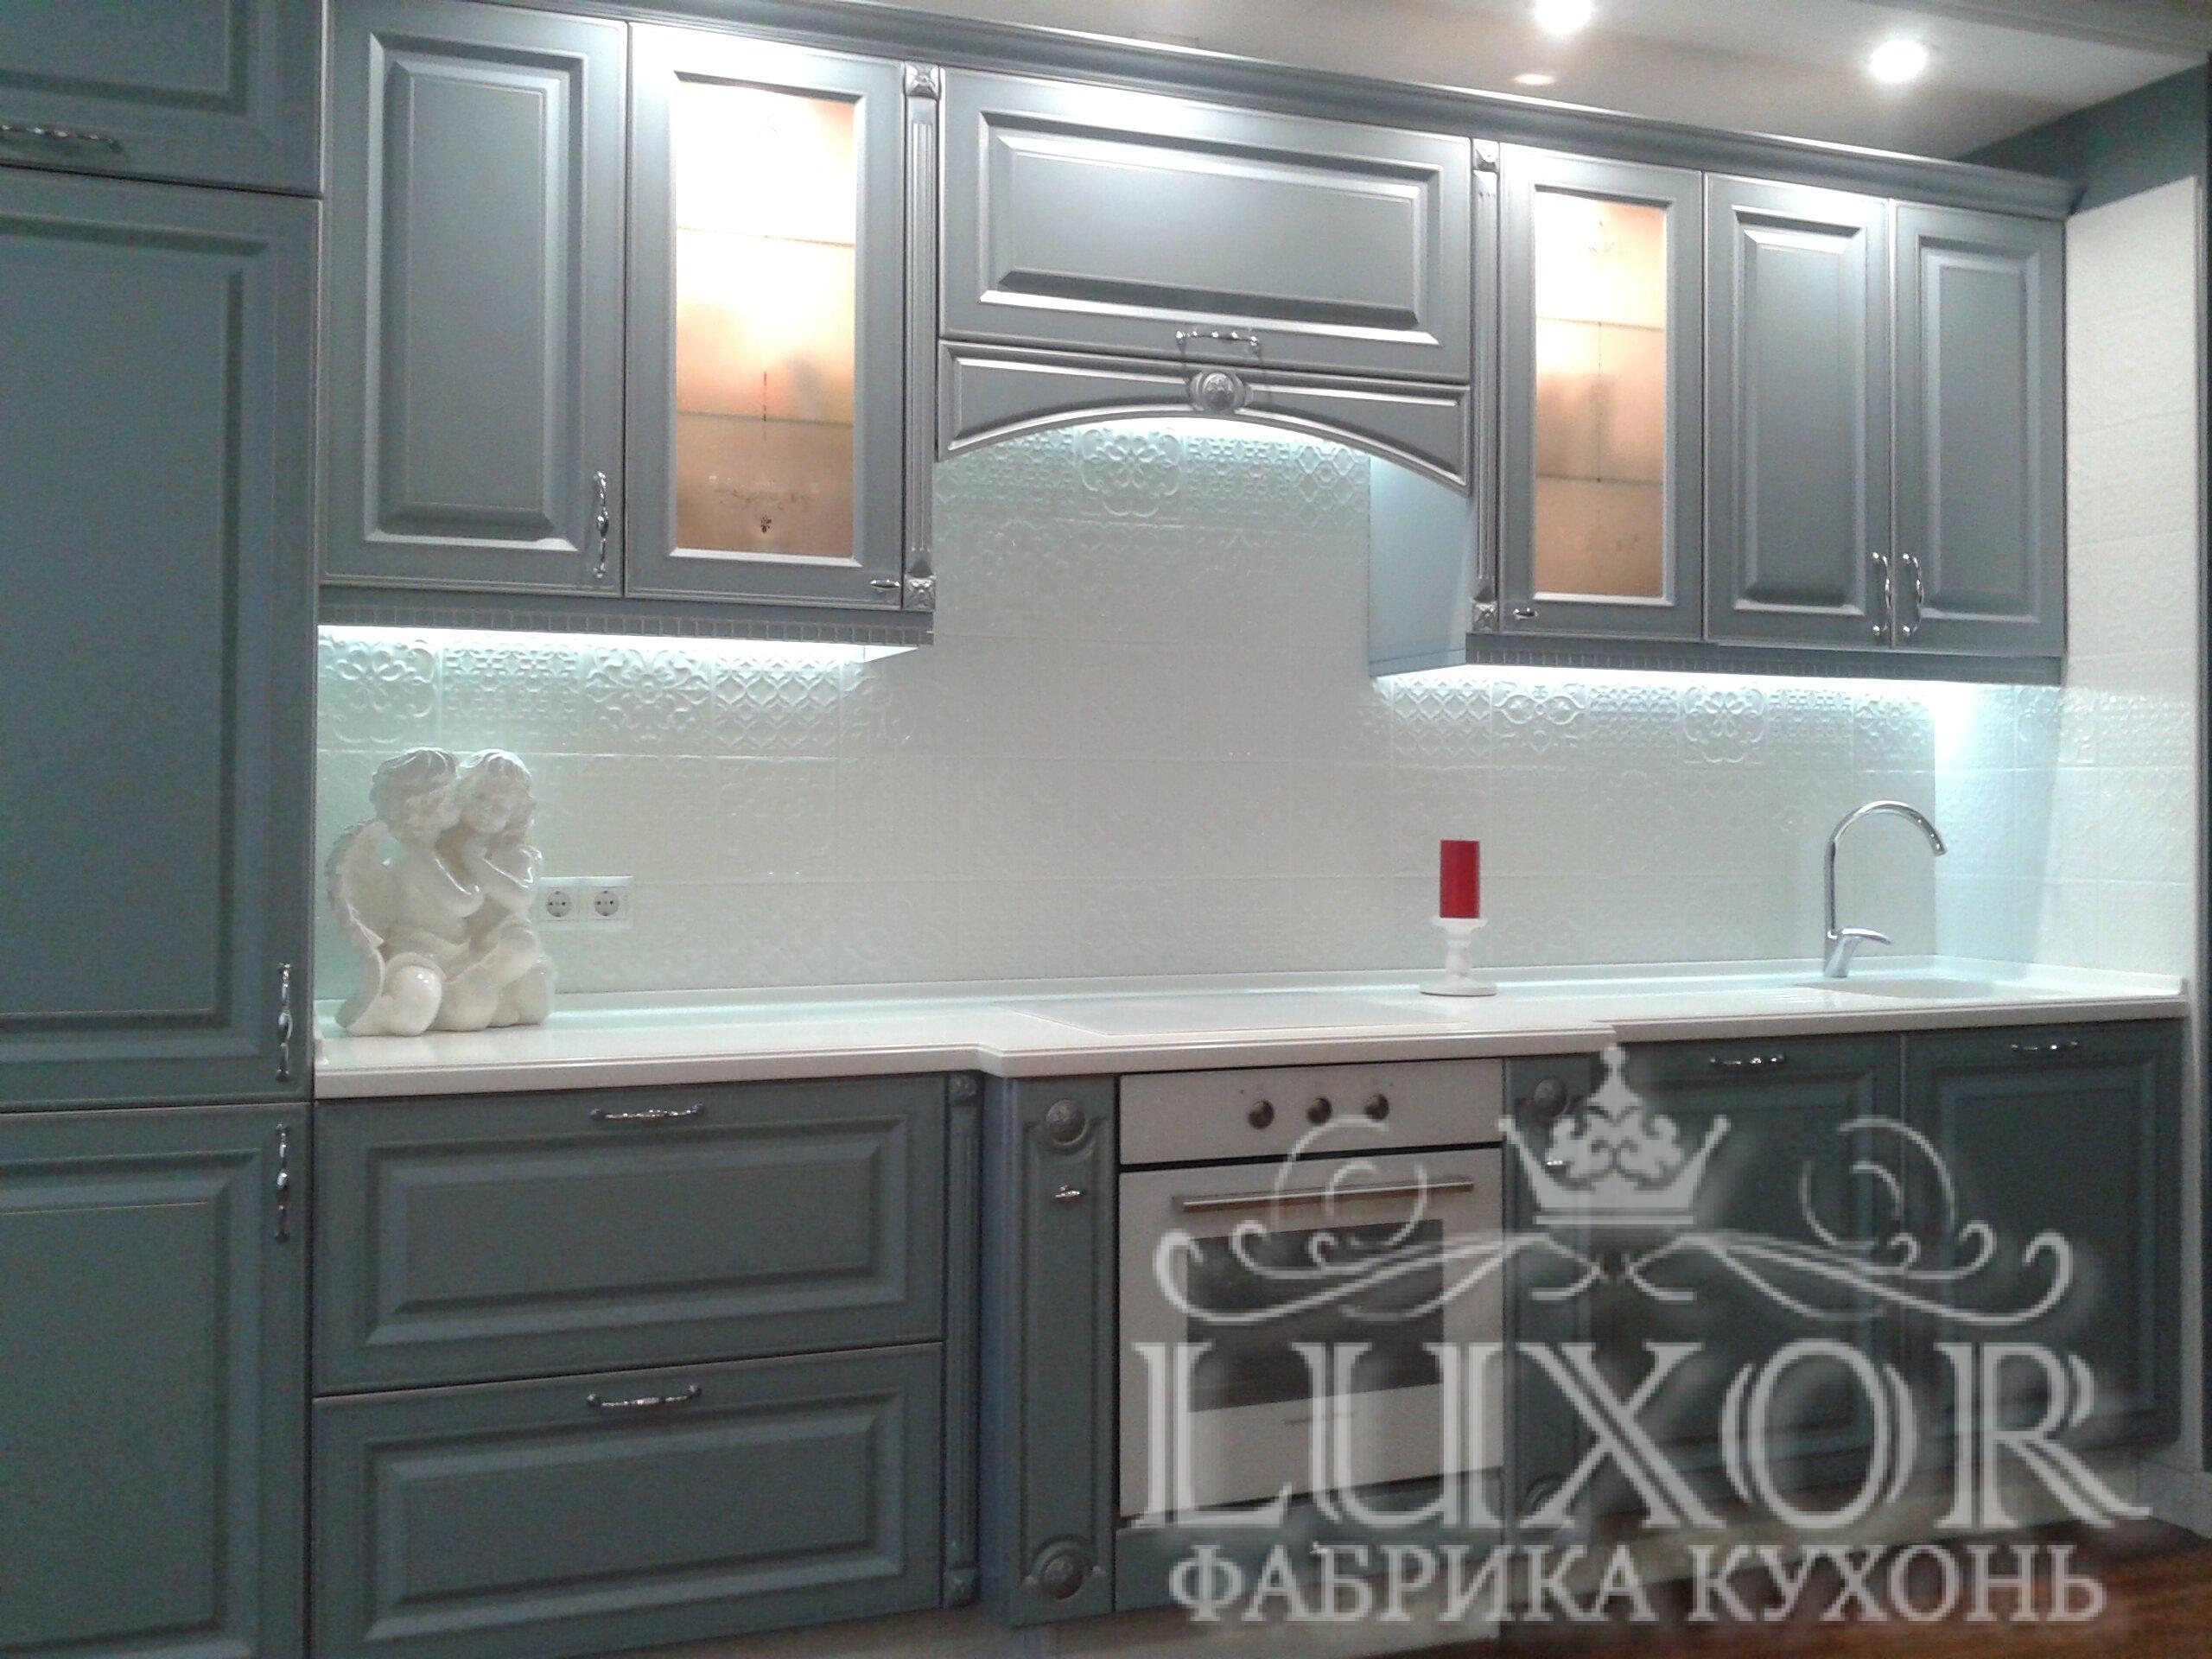 Кухня Мару - изображение